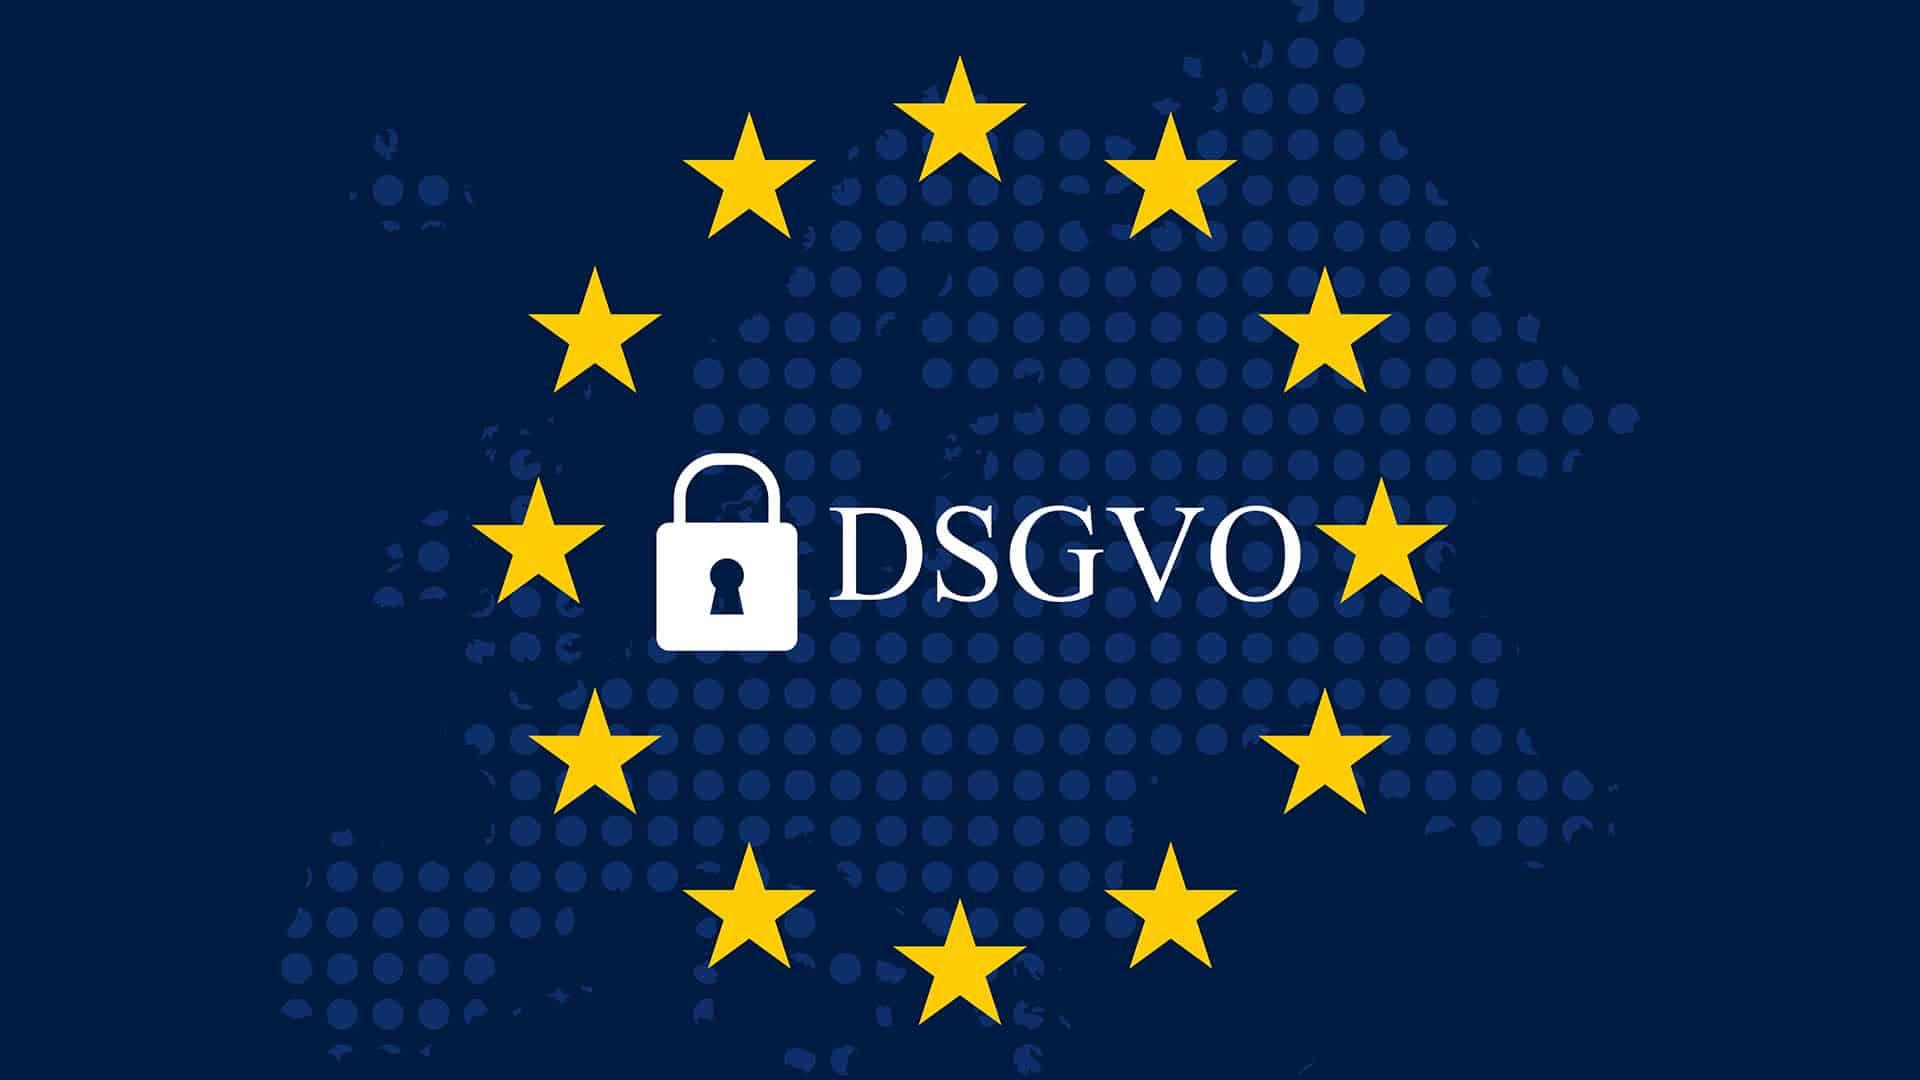 Die DSGVO kann für Versicherer von Vorteil sein